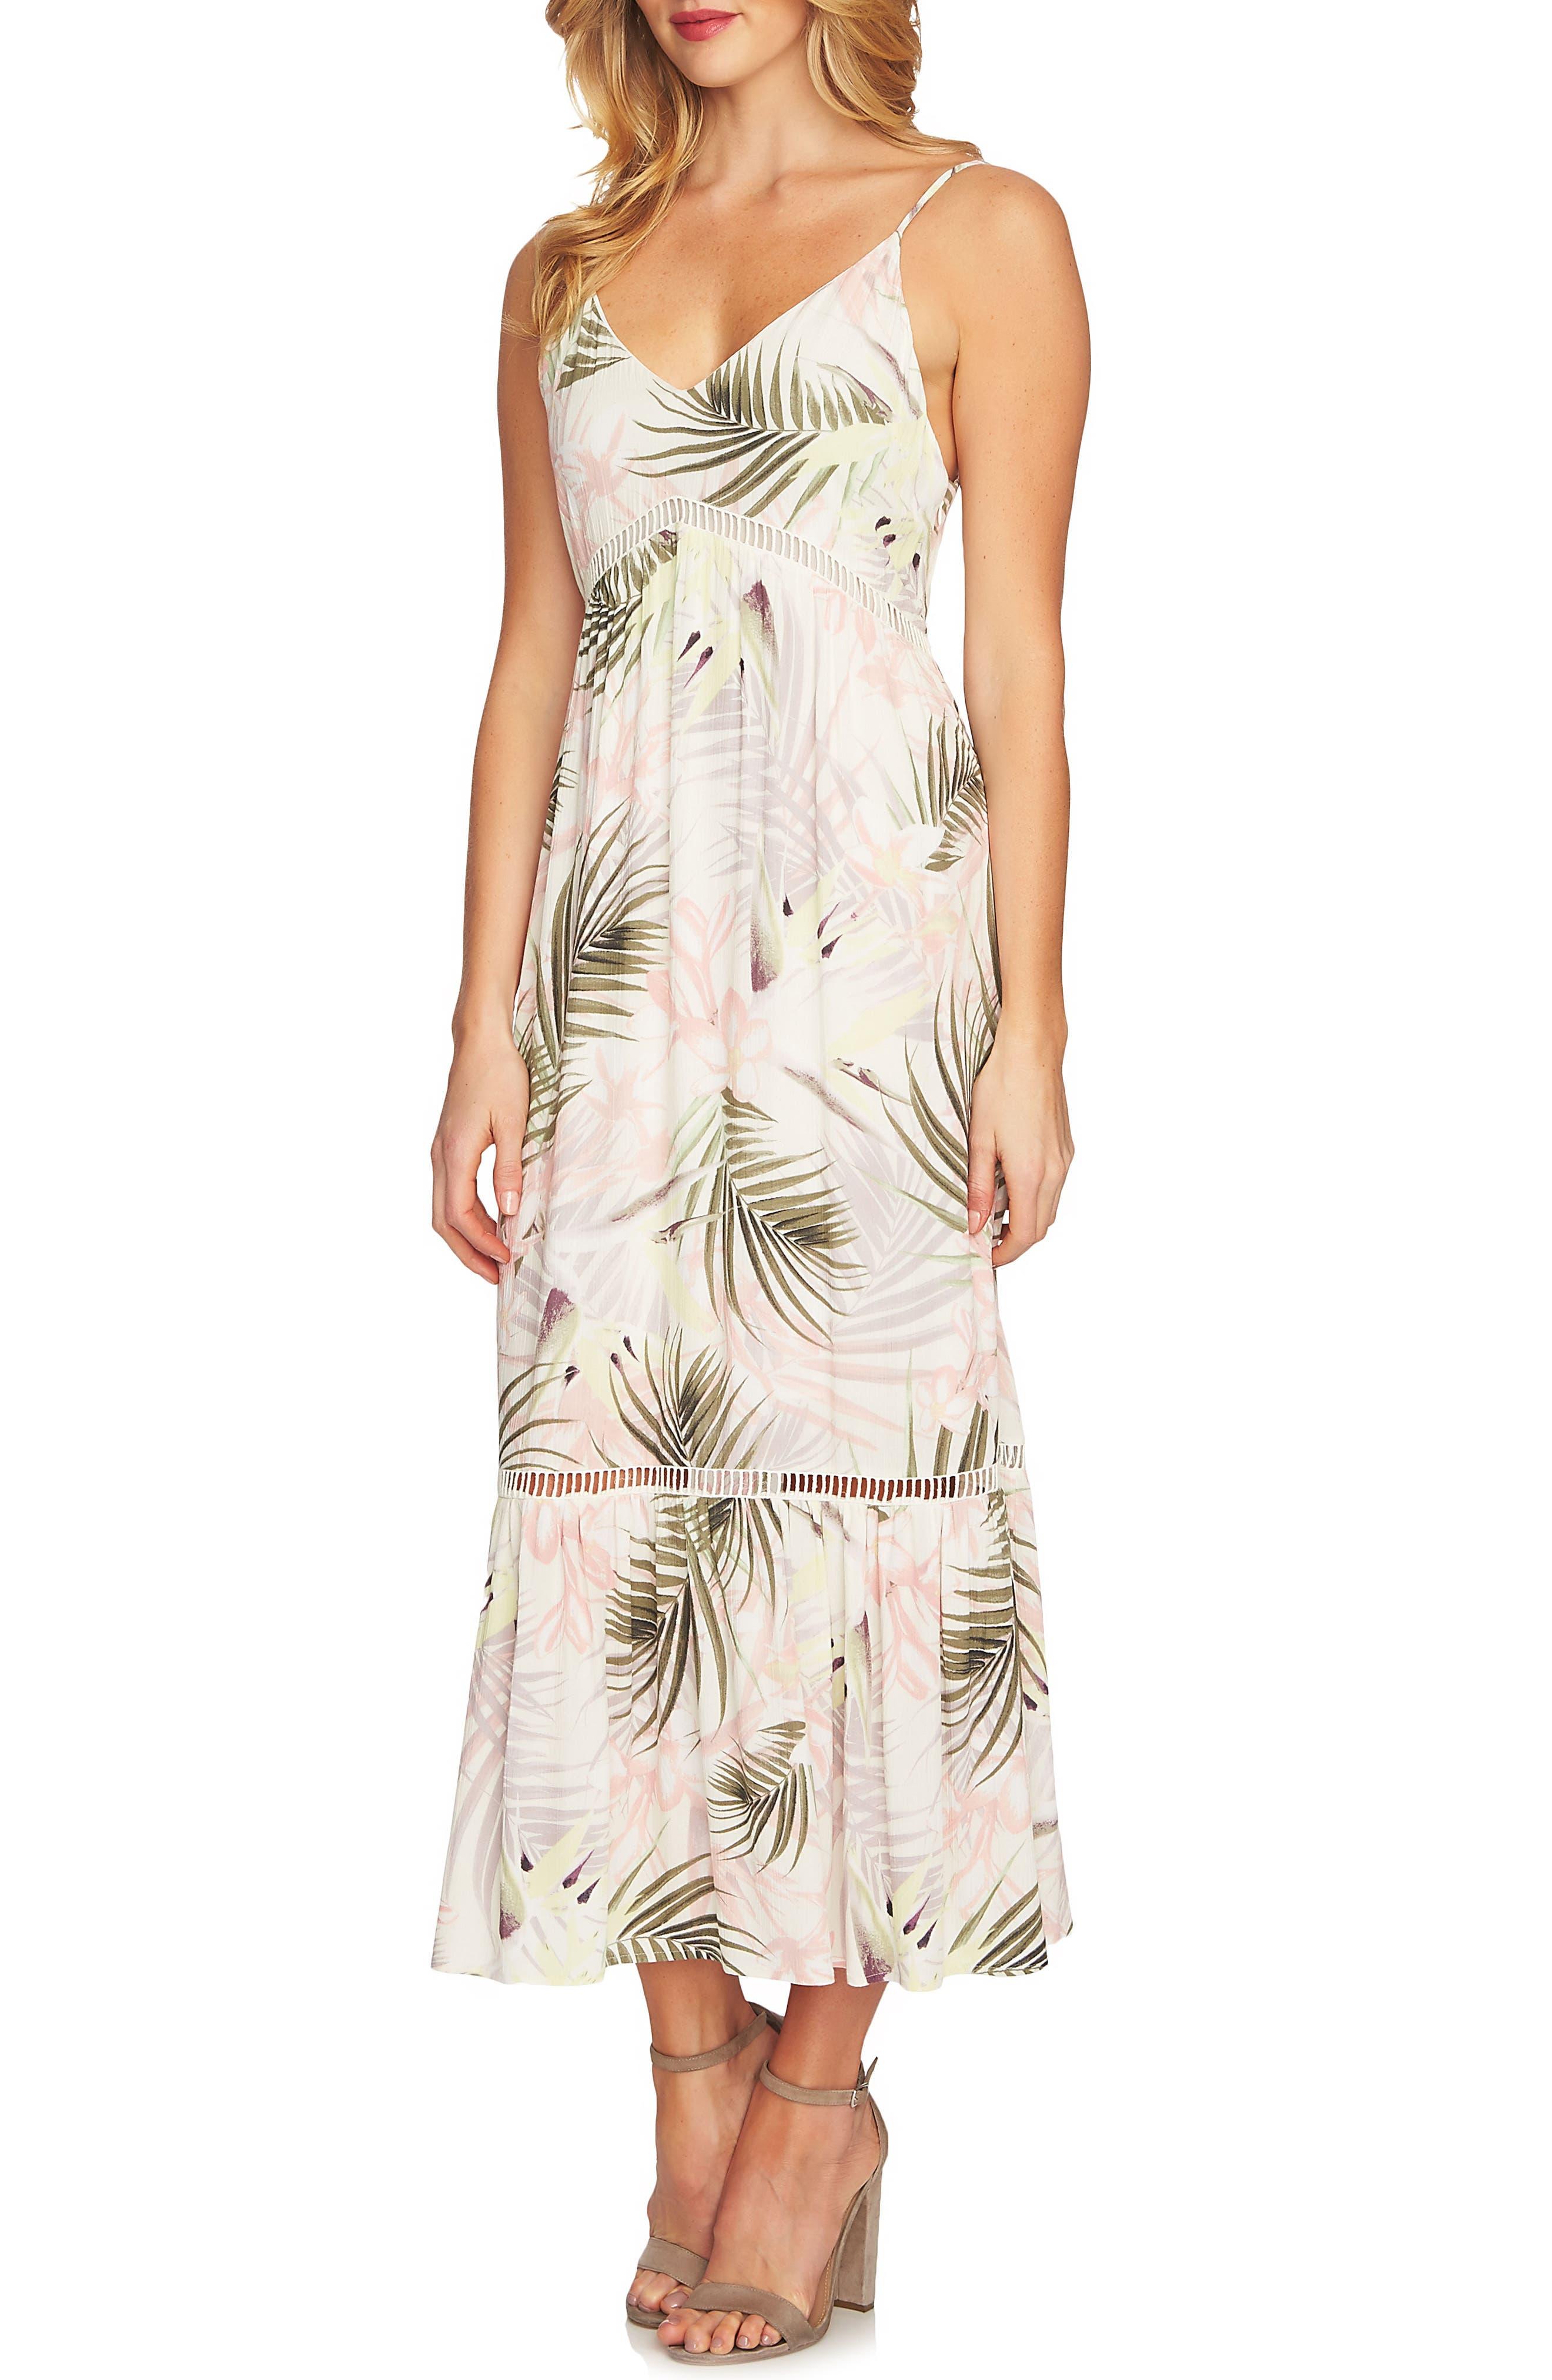 Soft Palms Midi Dress,                         Main,                         color, Antique White